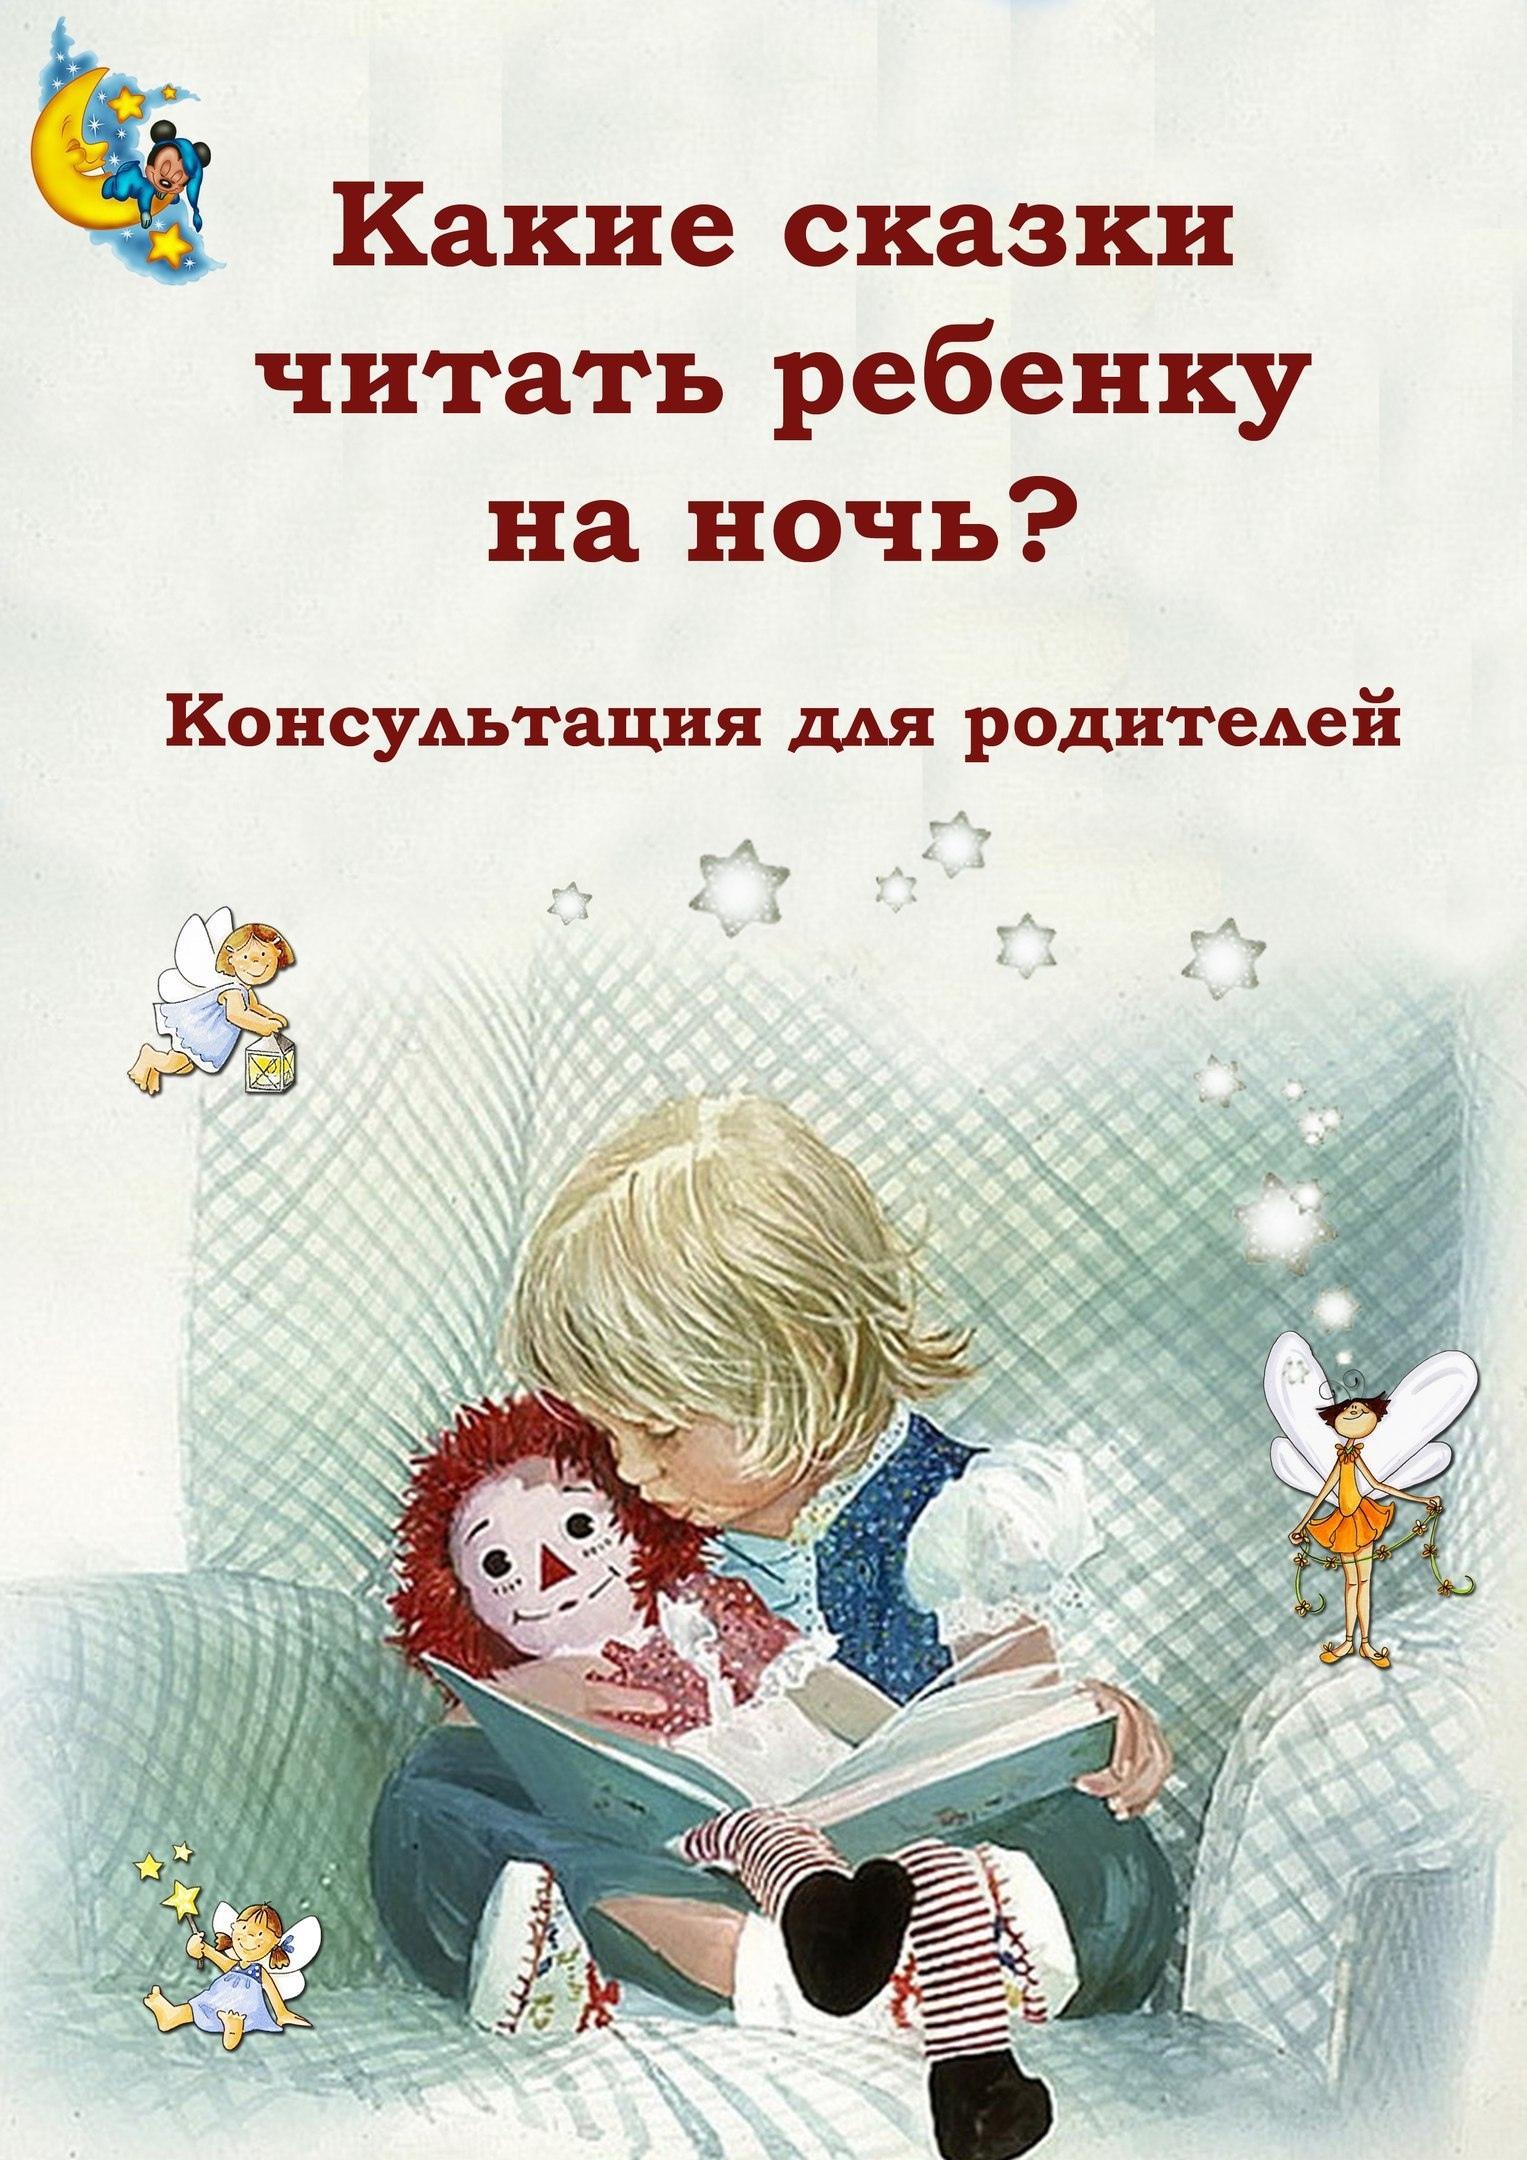 Развитие детей сказками дошкольного возраста